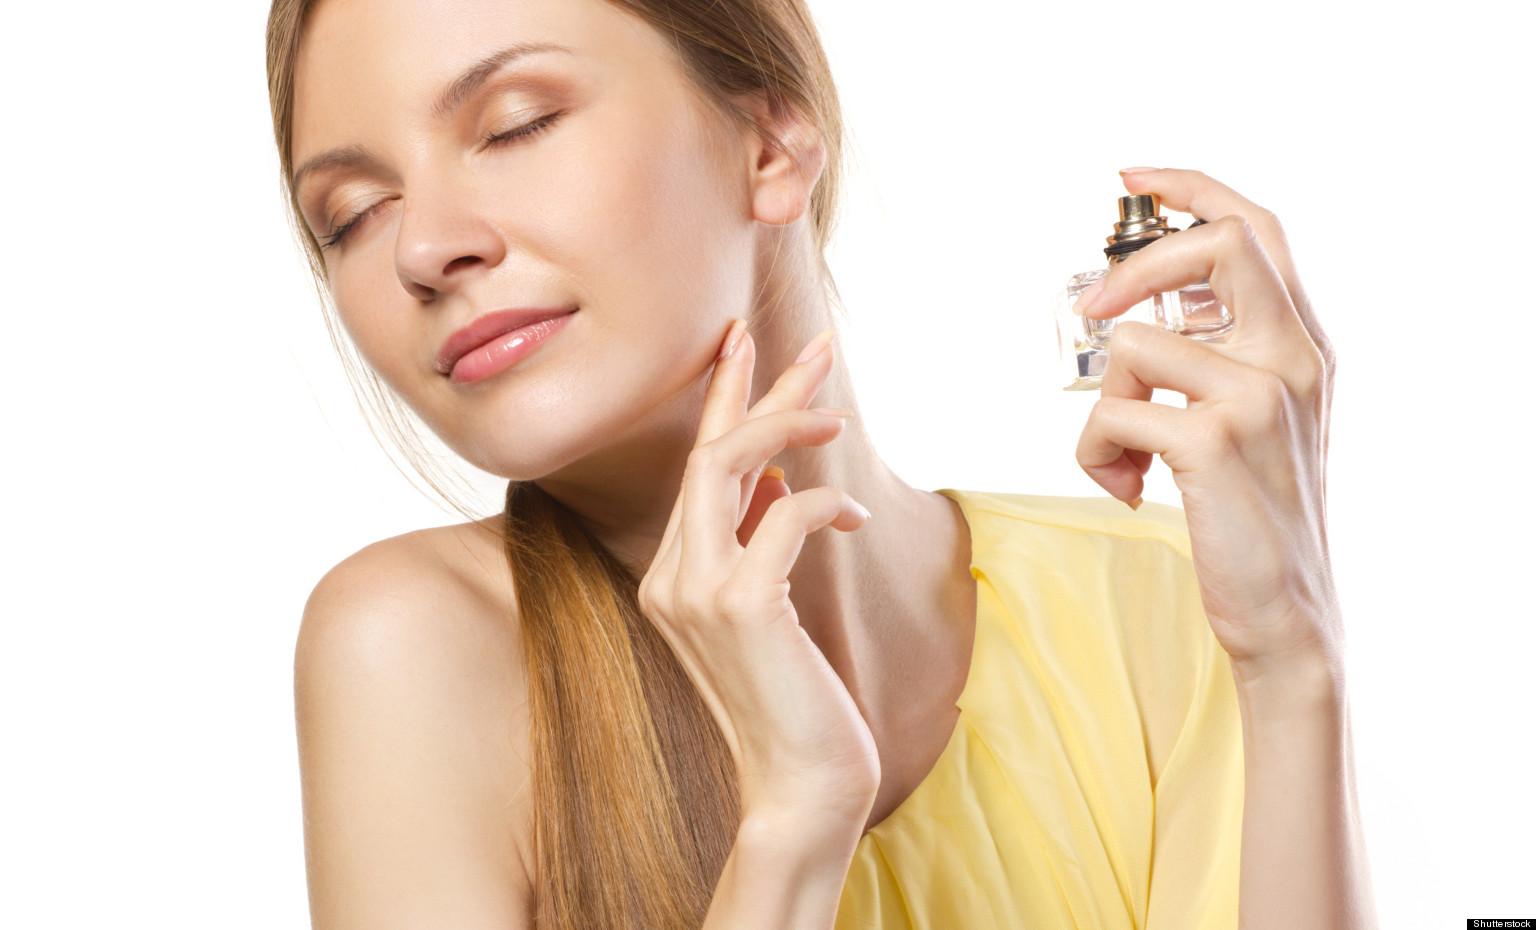 Benarkah Kepribadian Wanita Dapat Dilihat dari Parfum Wanita yang Digunakan?